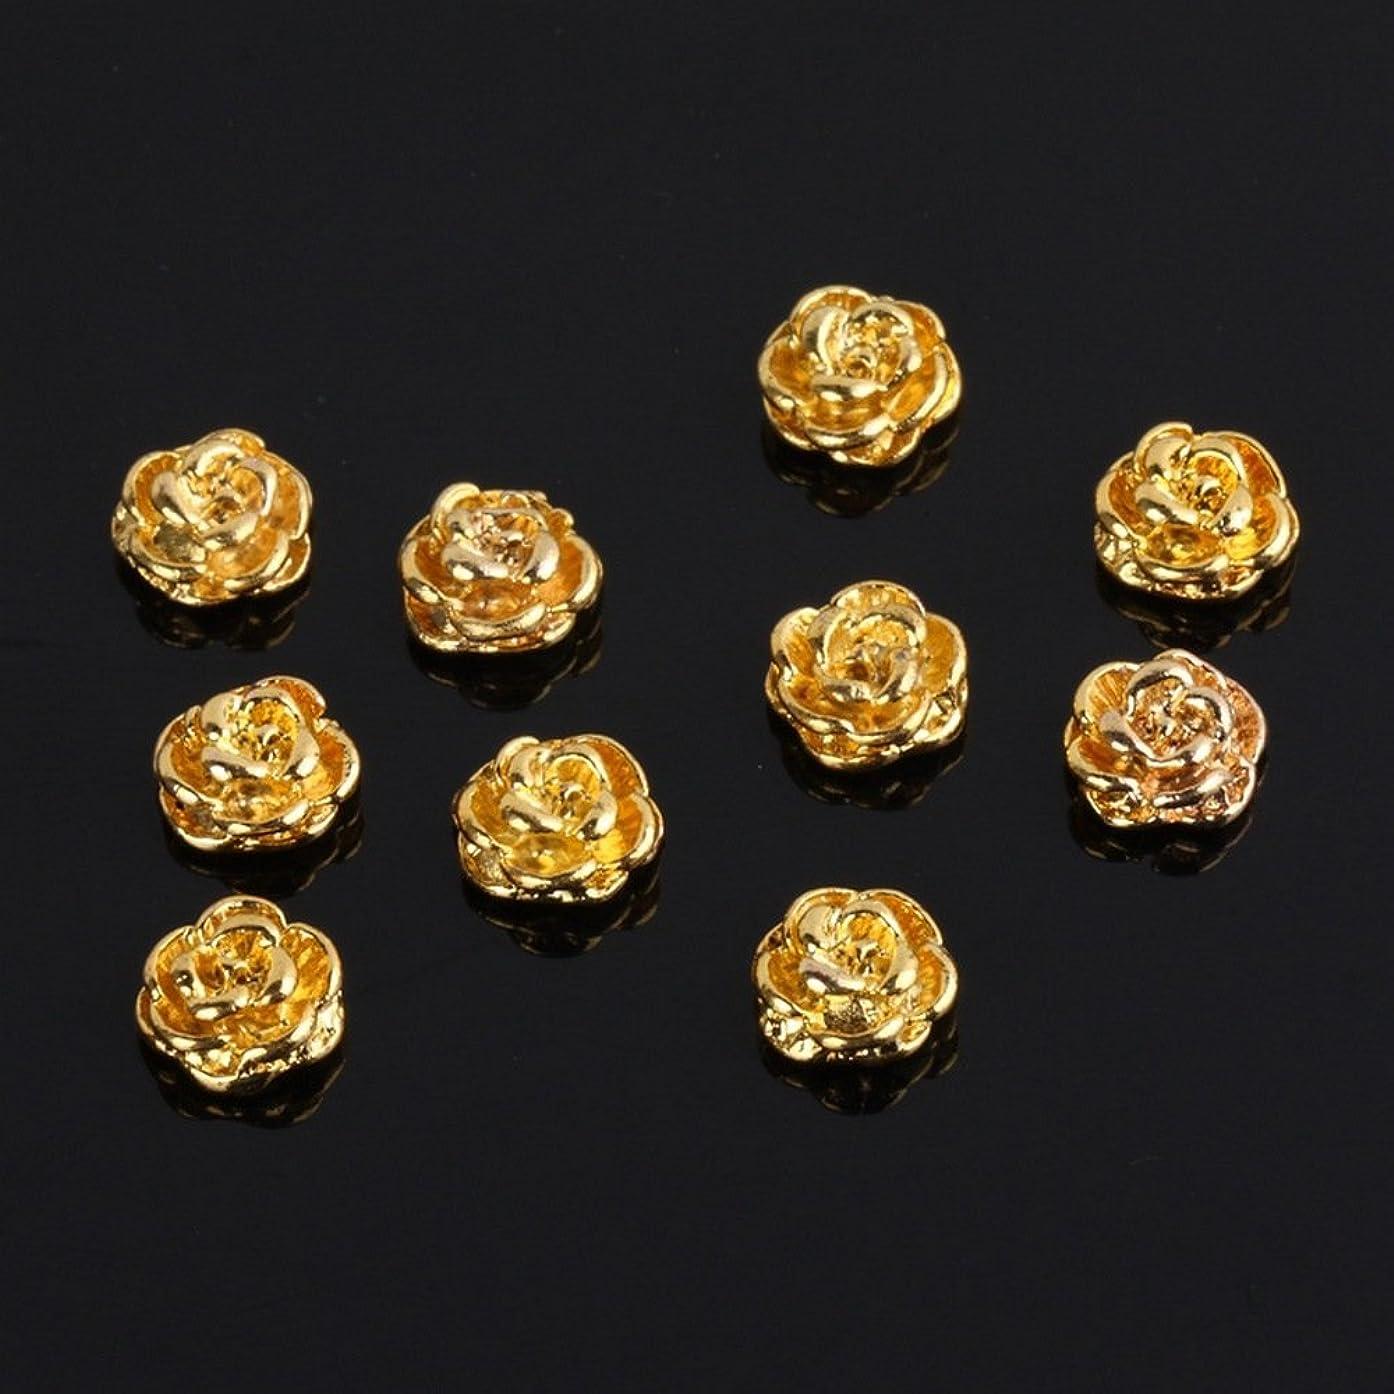 本体生息地見つけたSODIAL(R) ゴールデンローズシェイプ  10枚  シルバー3D合金ネイルアートスライス  キラキラDIYデコレーション